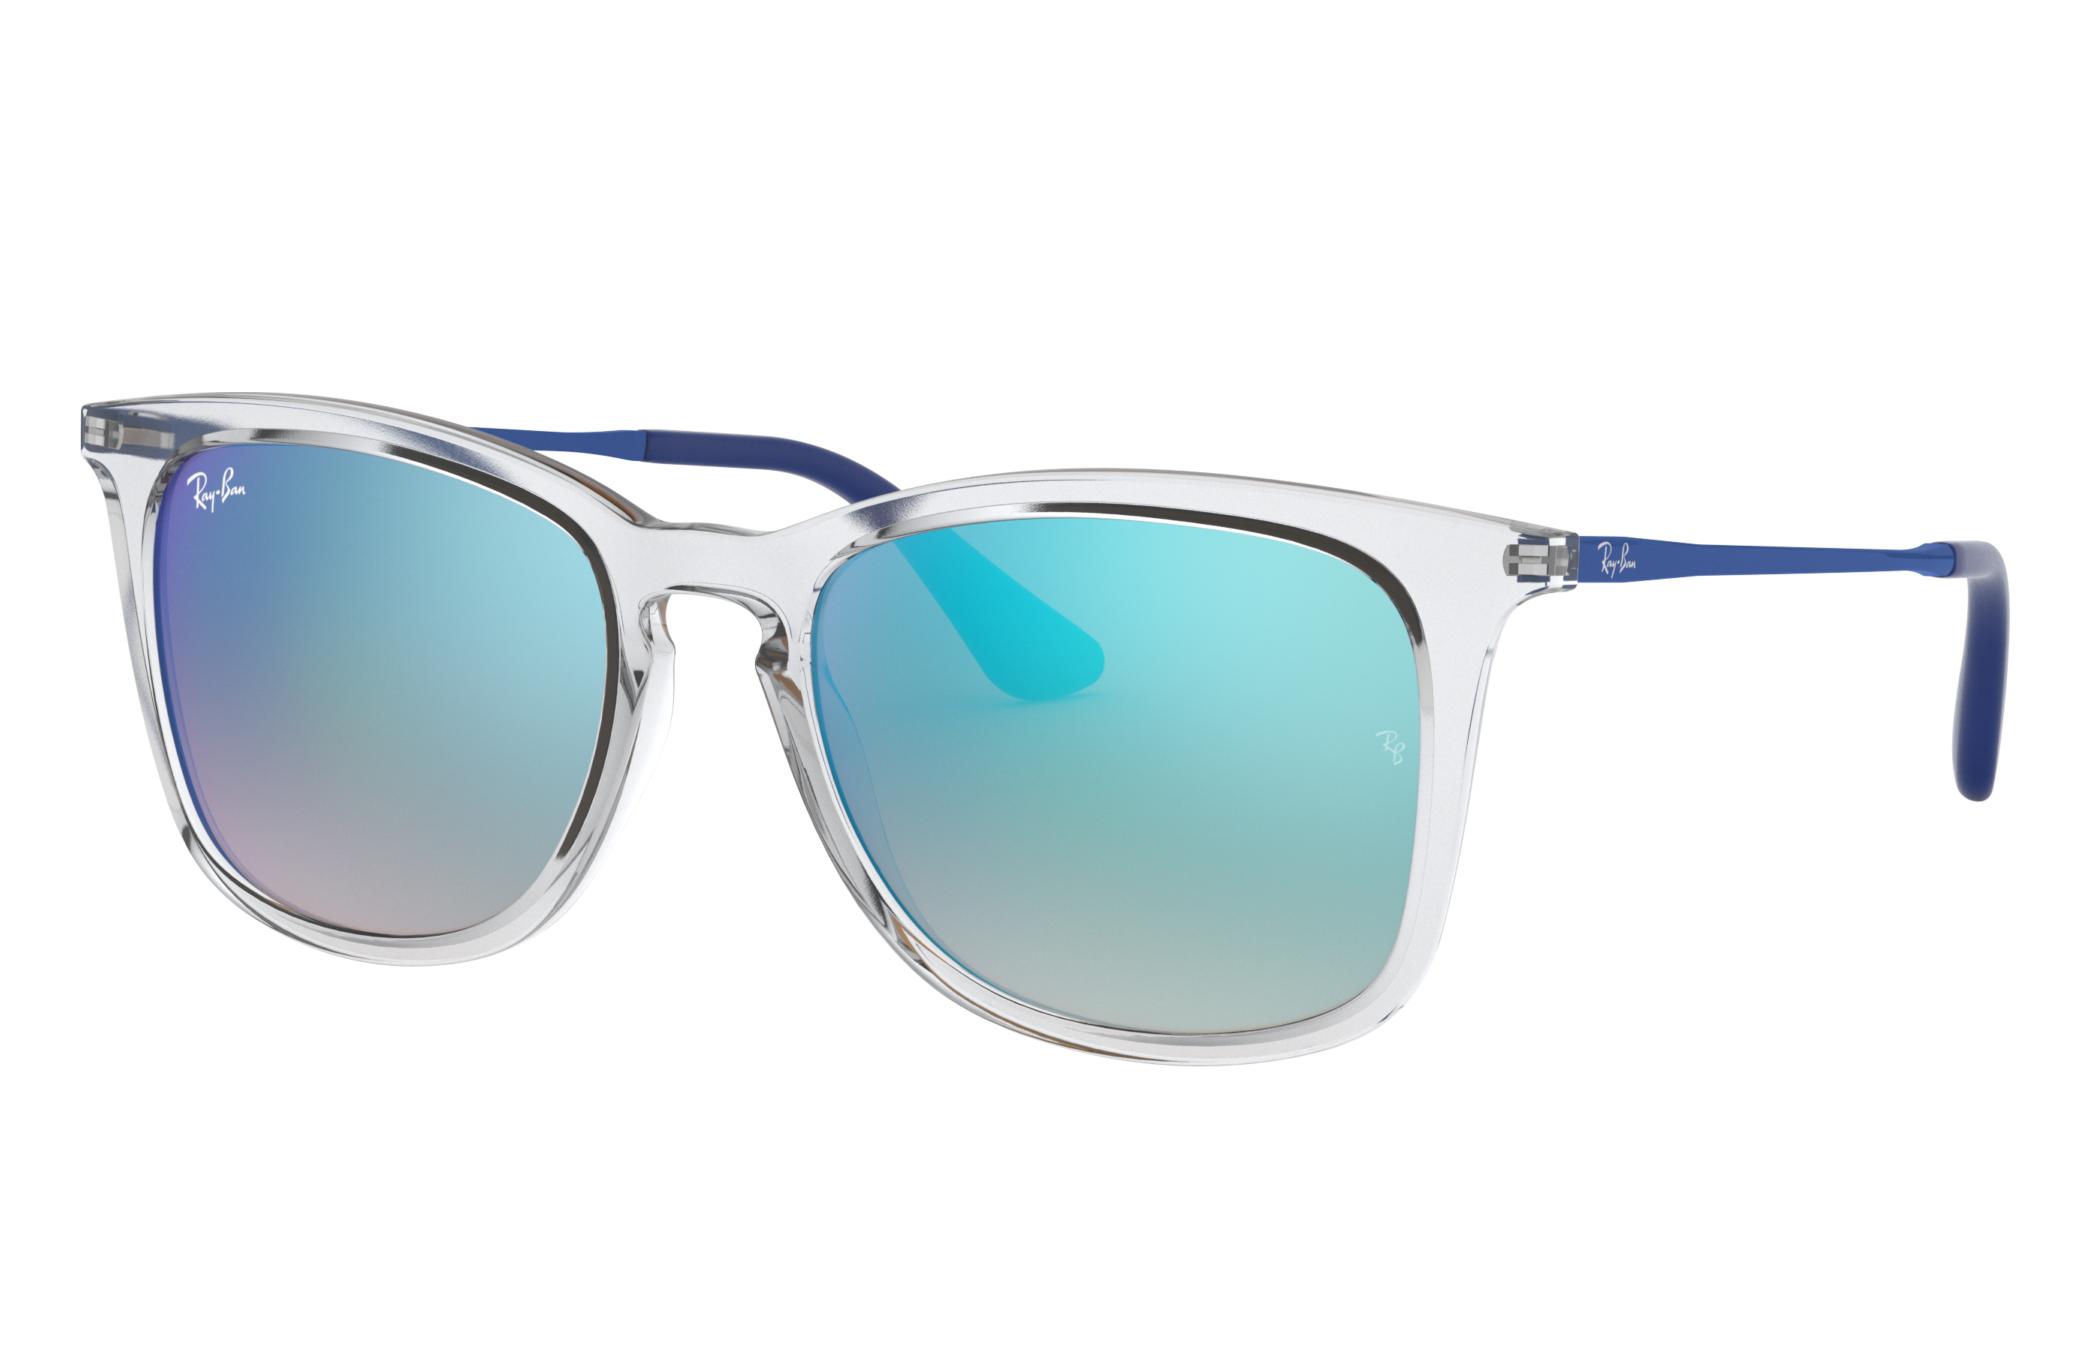 Ray-Ban Rj9063s Blue, Blue Lenses - RJ9063S